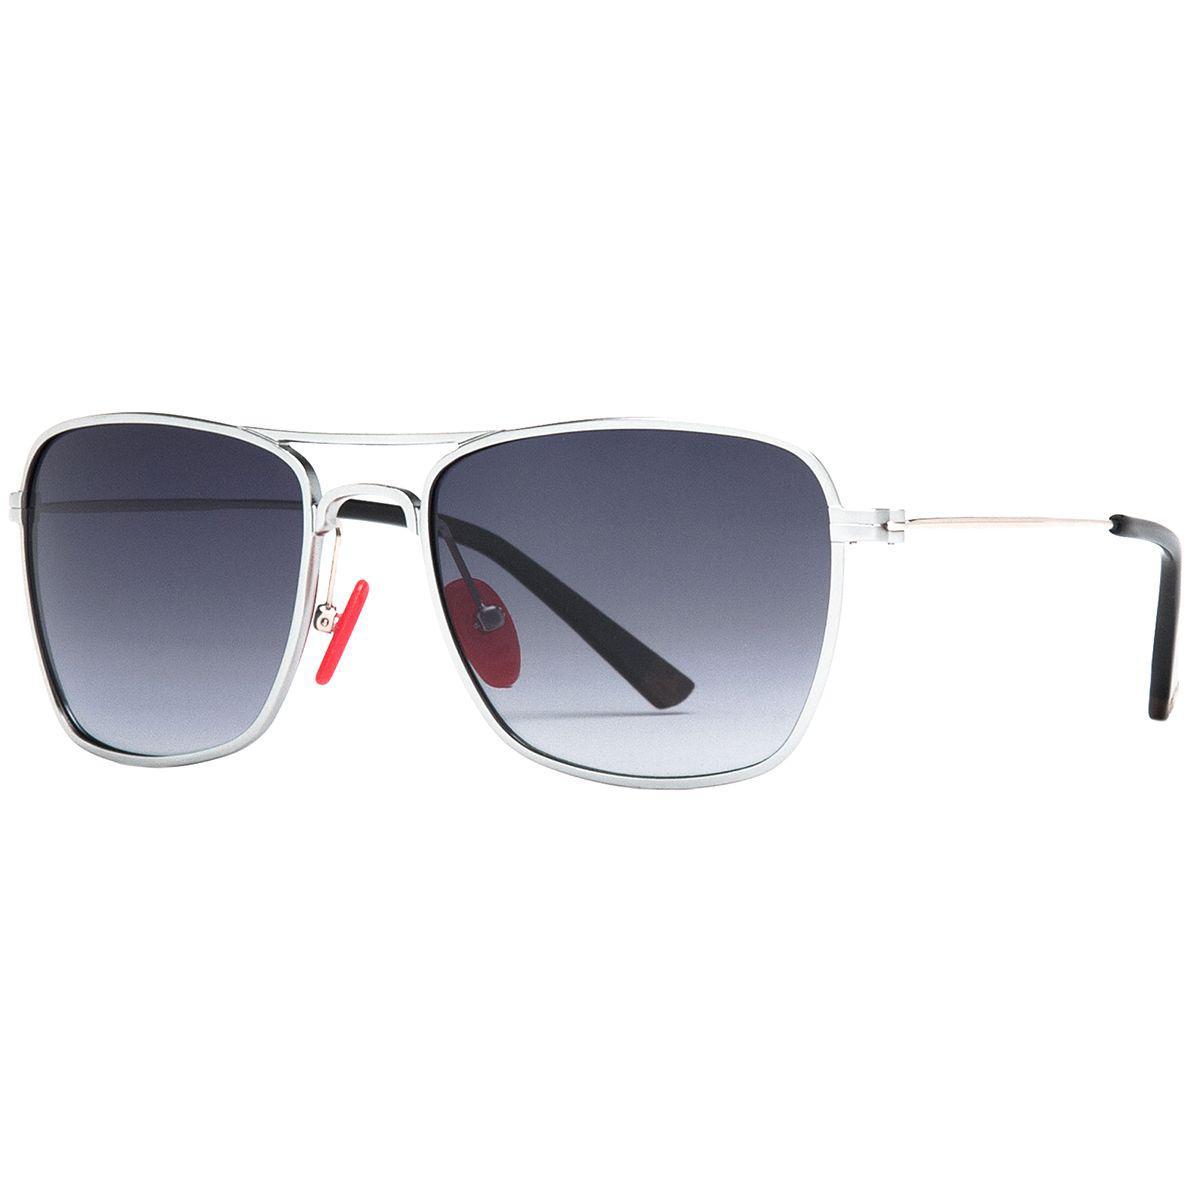 7169bb20e3 Lyst - Proof Overland Polarized Sunglasses for Men